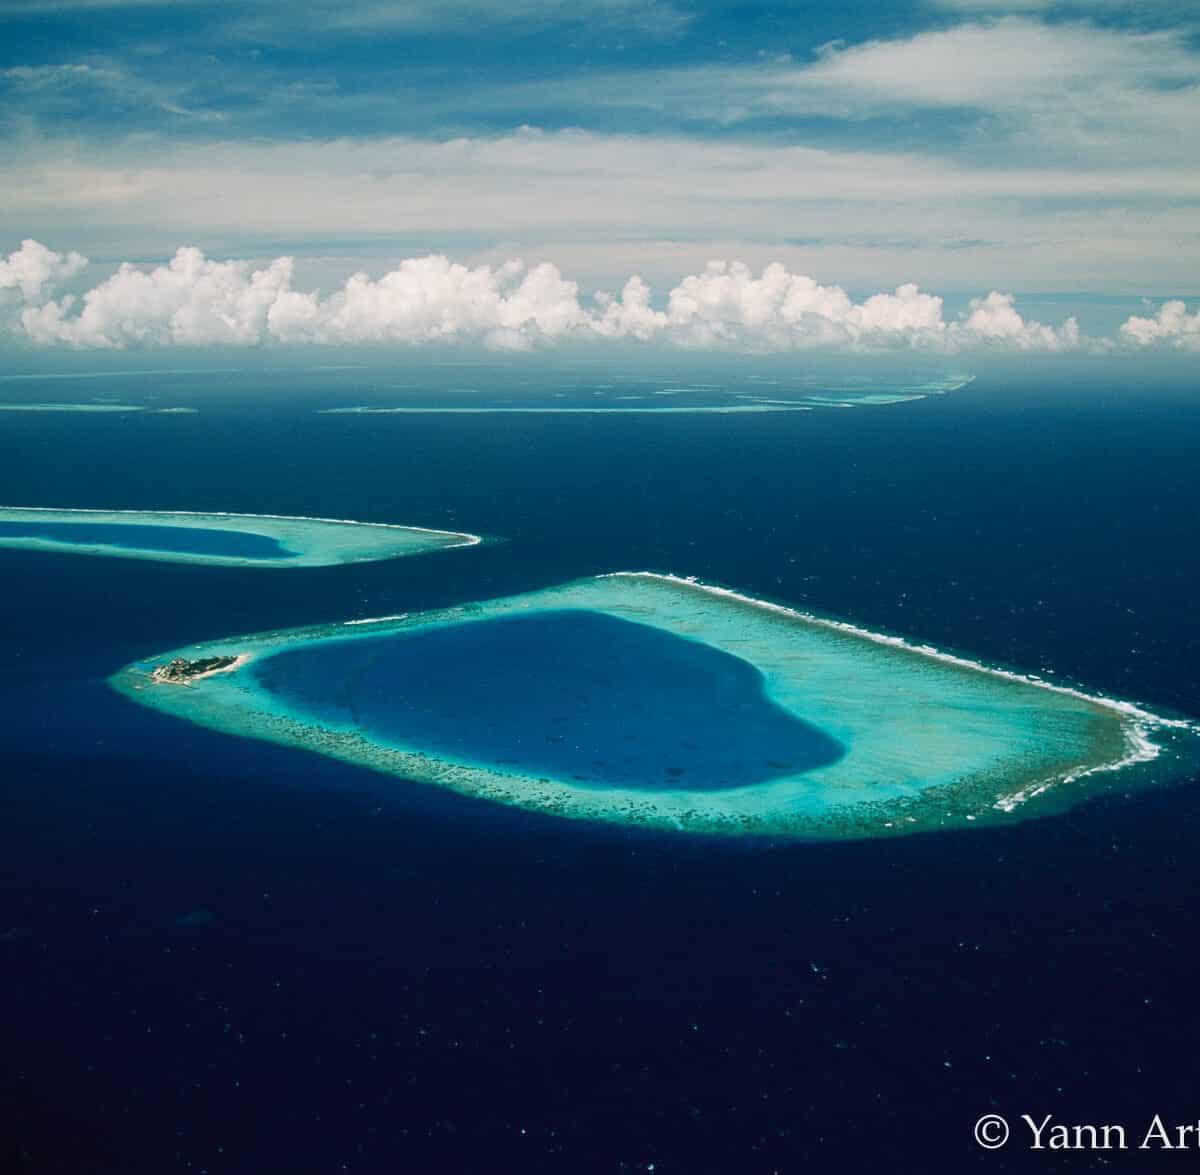 océans copernicus climat